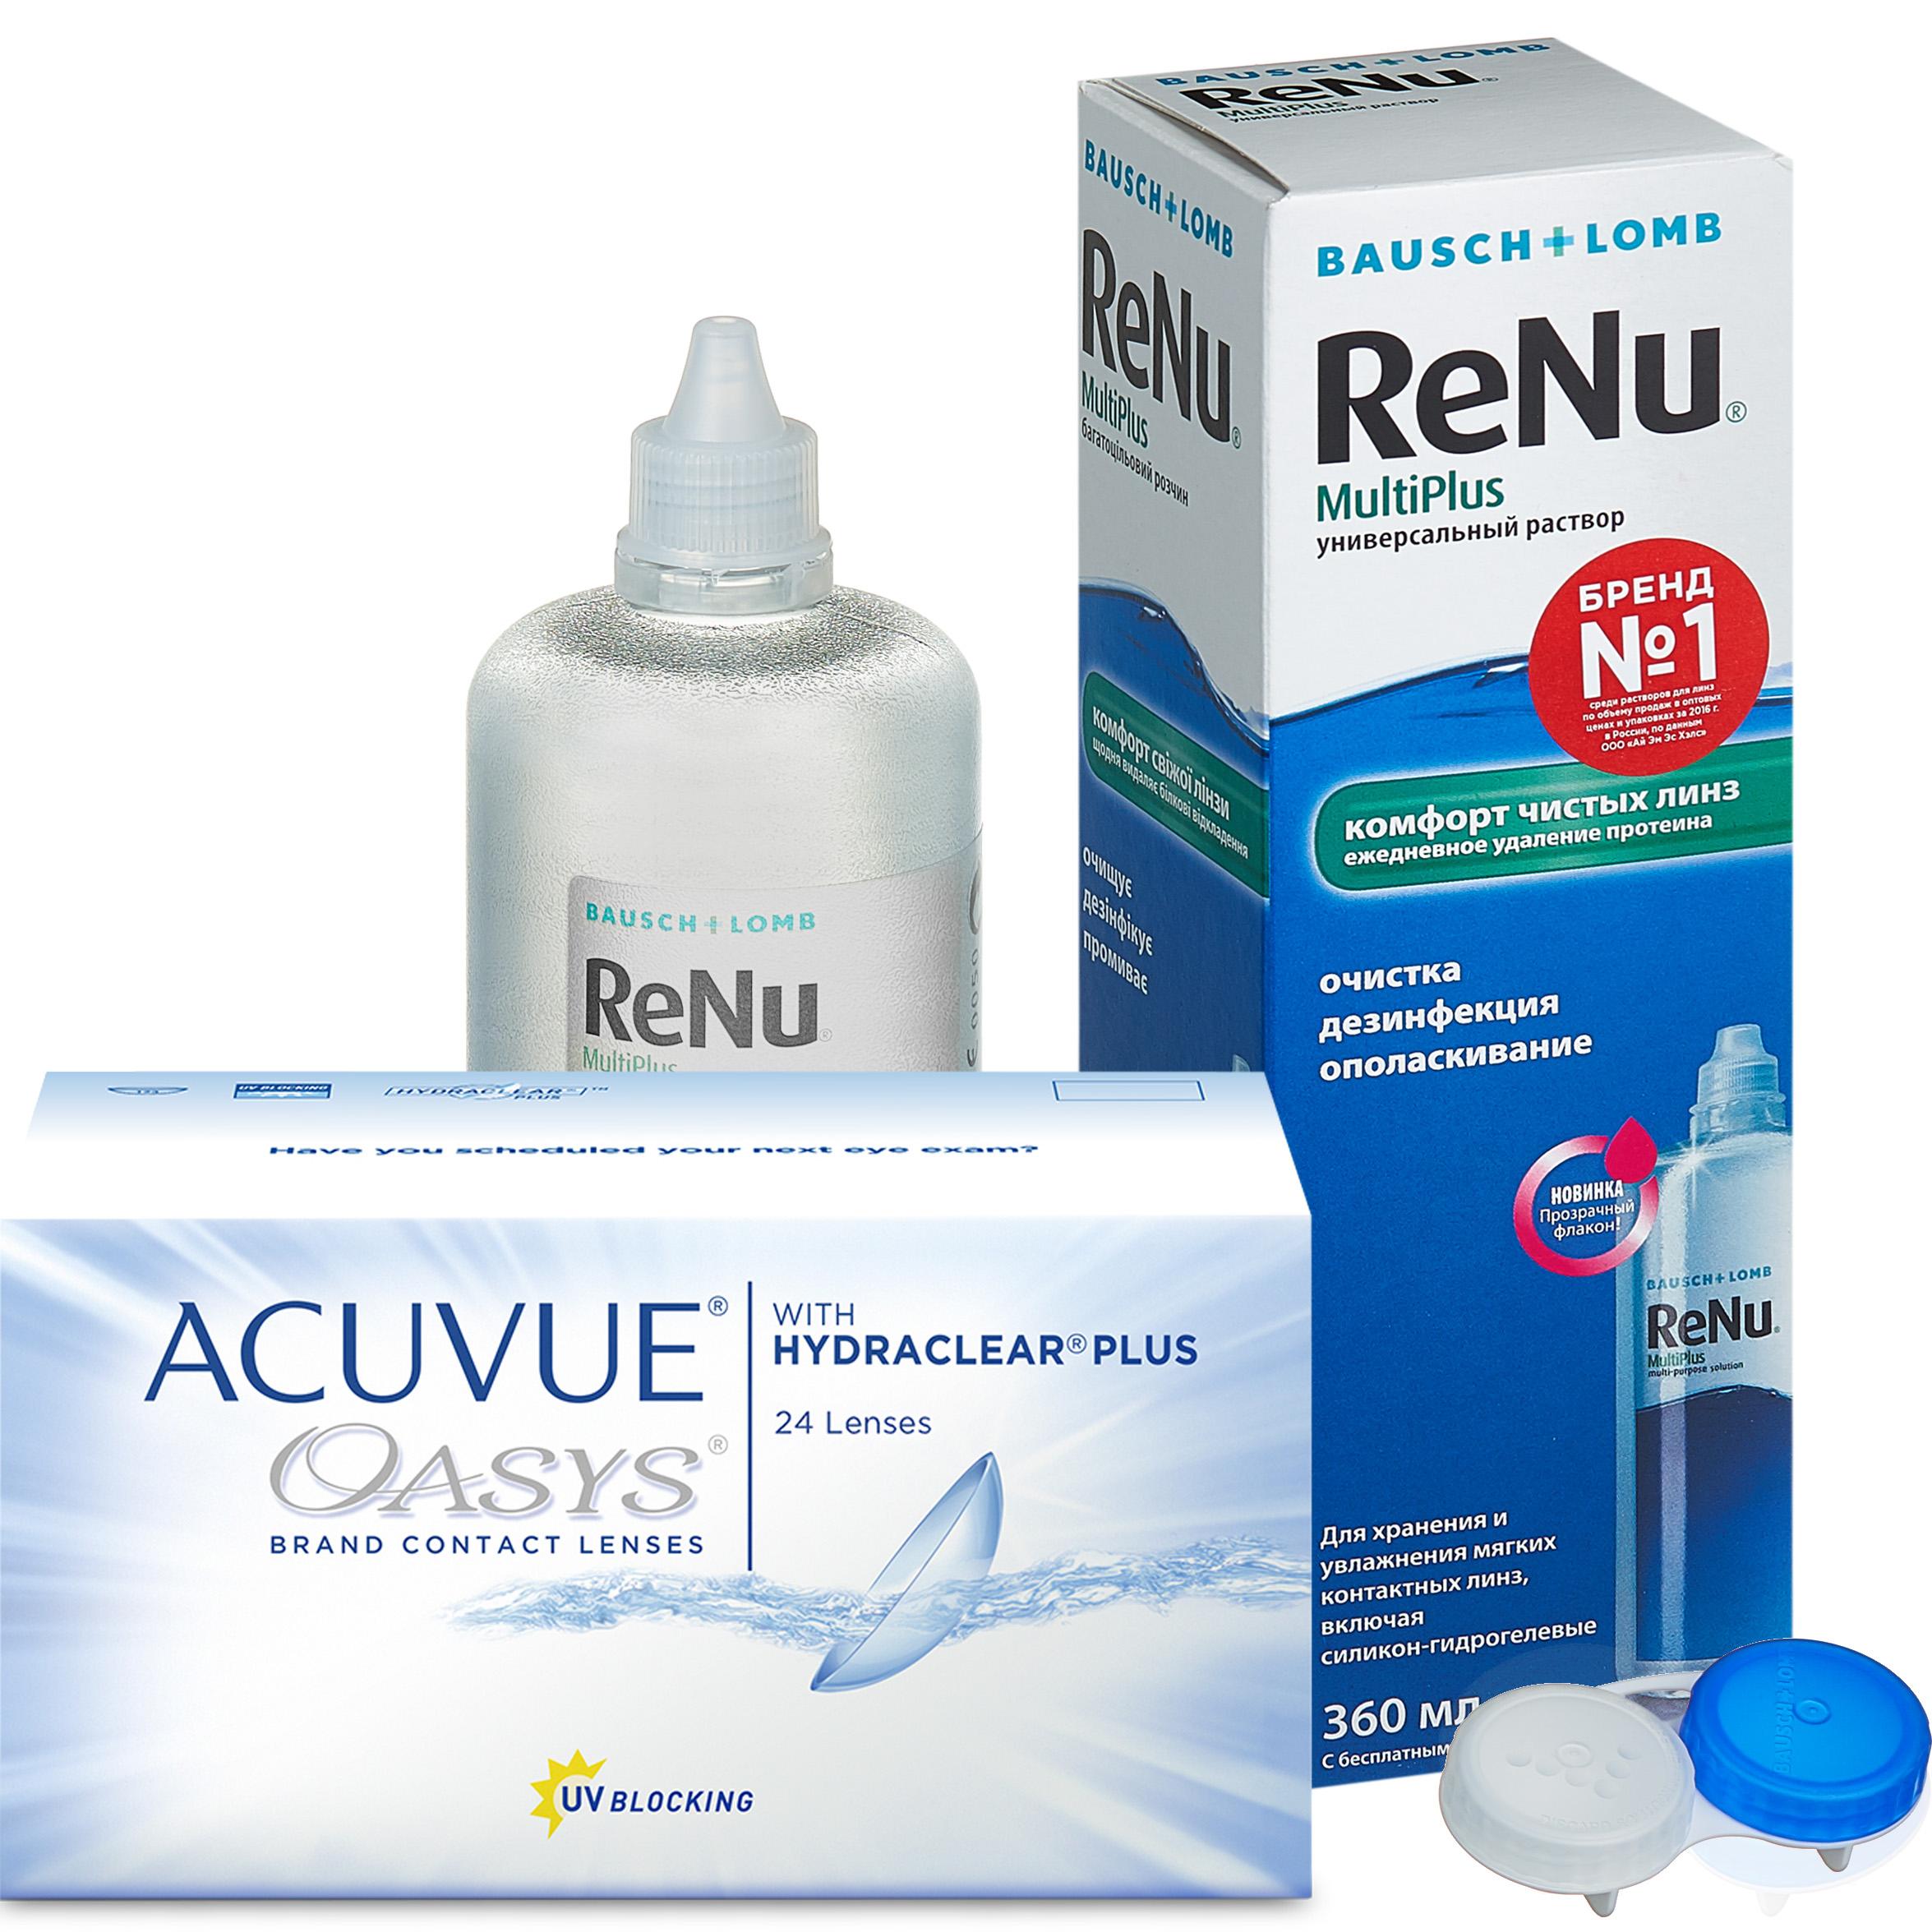 Oasys with Hydraclear Plus 24 линзы + ReNu MultiPlus, Линзы Acuvue Oasys with Hydraclear Plus 24 линзы R 8.8 -8, 50 + ReNu Multi Plus 360 мл  - купить со скидкой